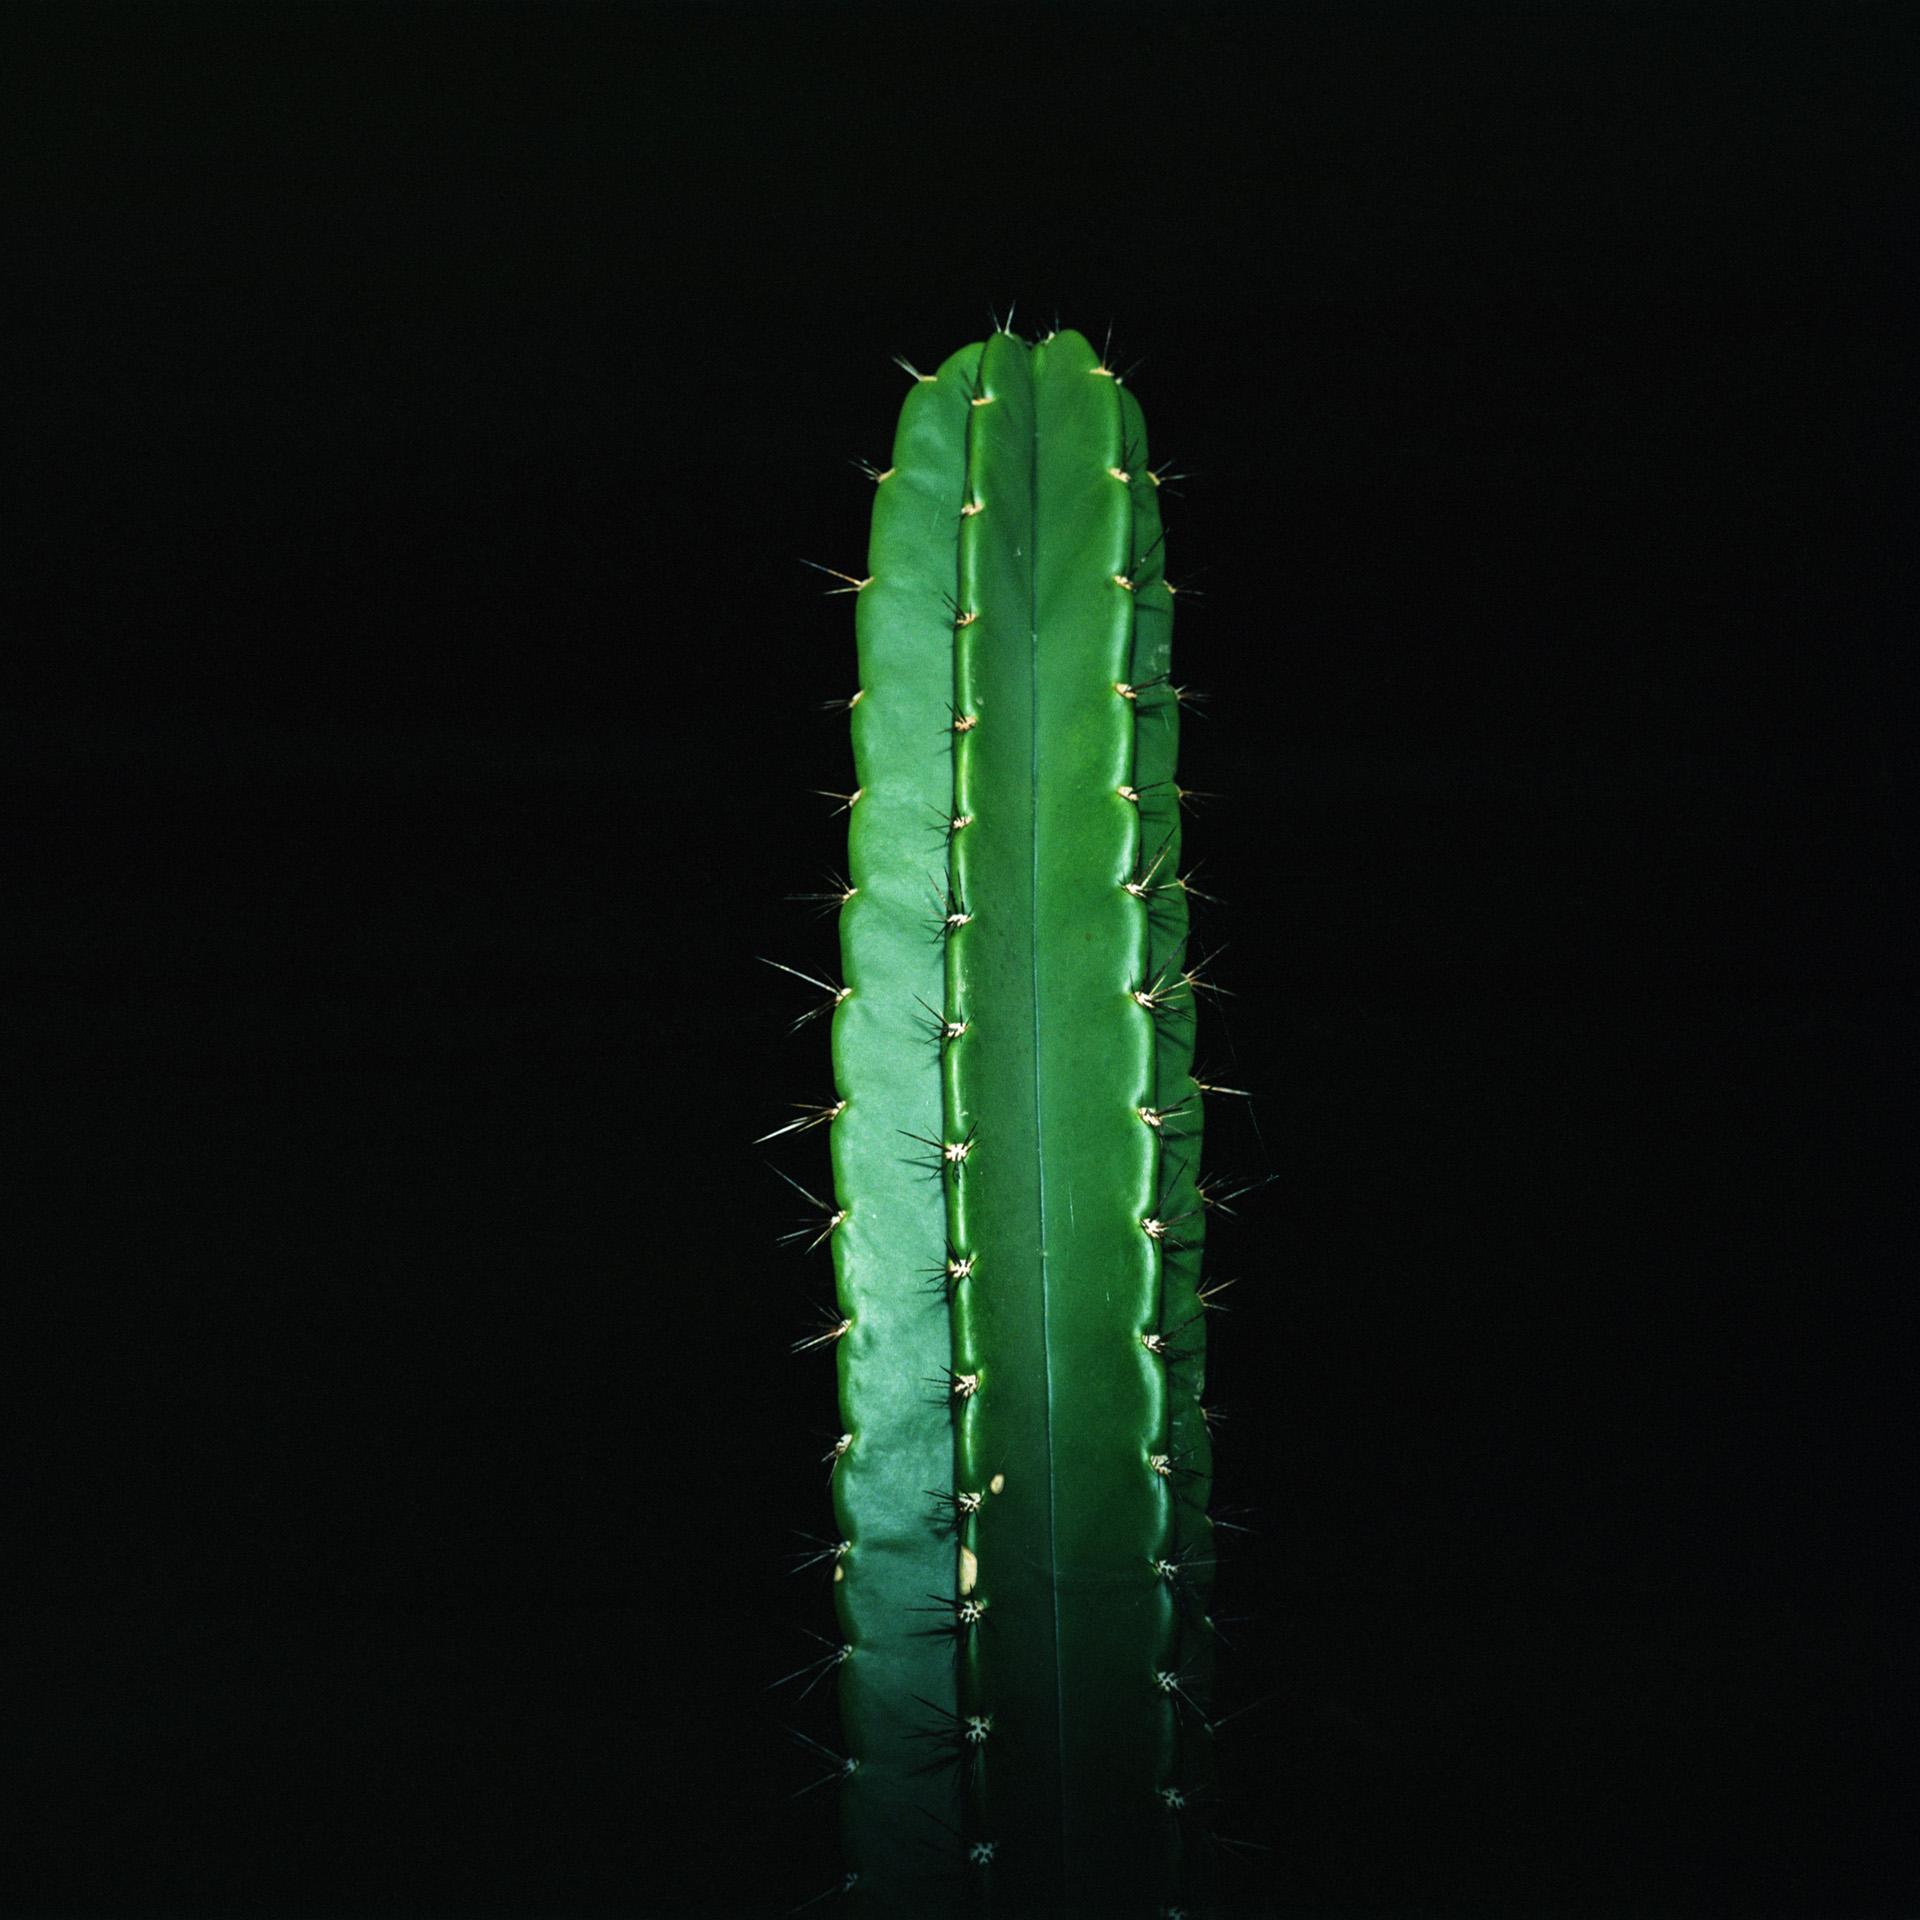 Night Cactus 043